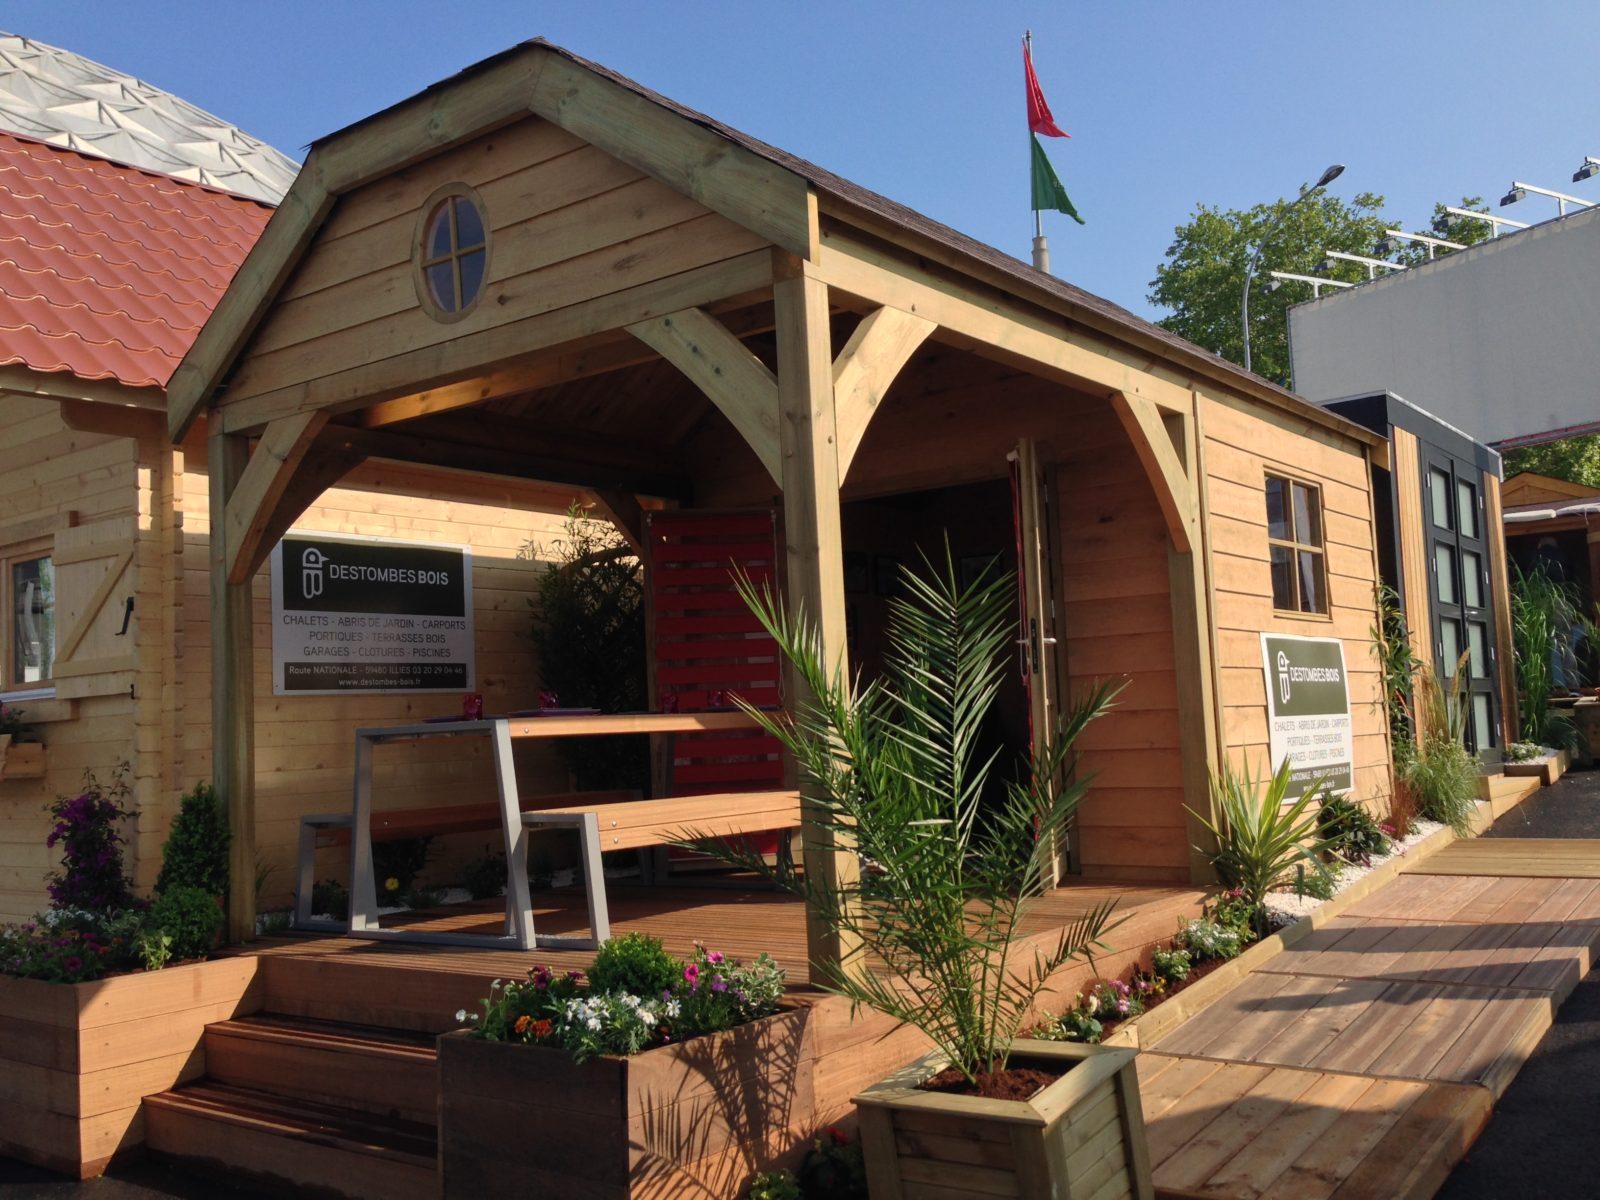 Destombes Bois | Abri De Jardin Bois - Garage - Carport ... dedans Abri De Terrasse En Bois